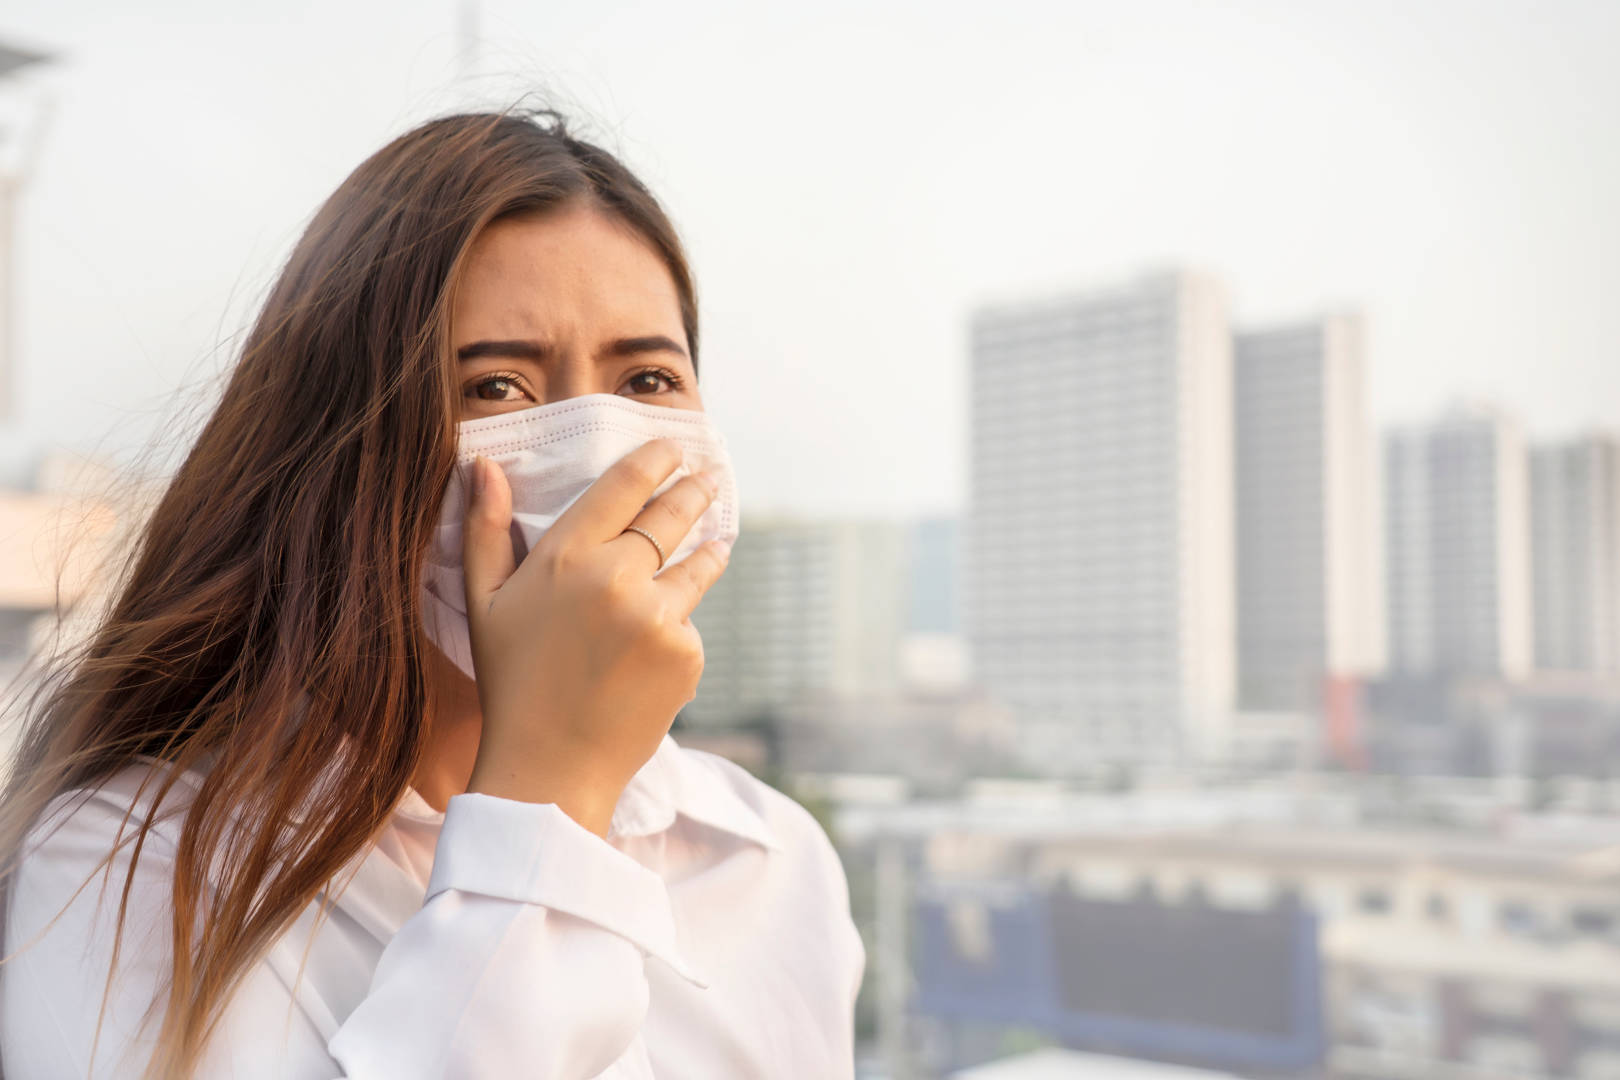 eczéma et pollution